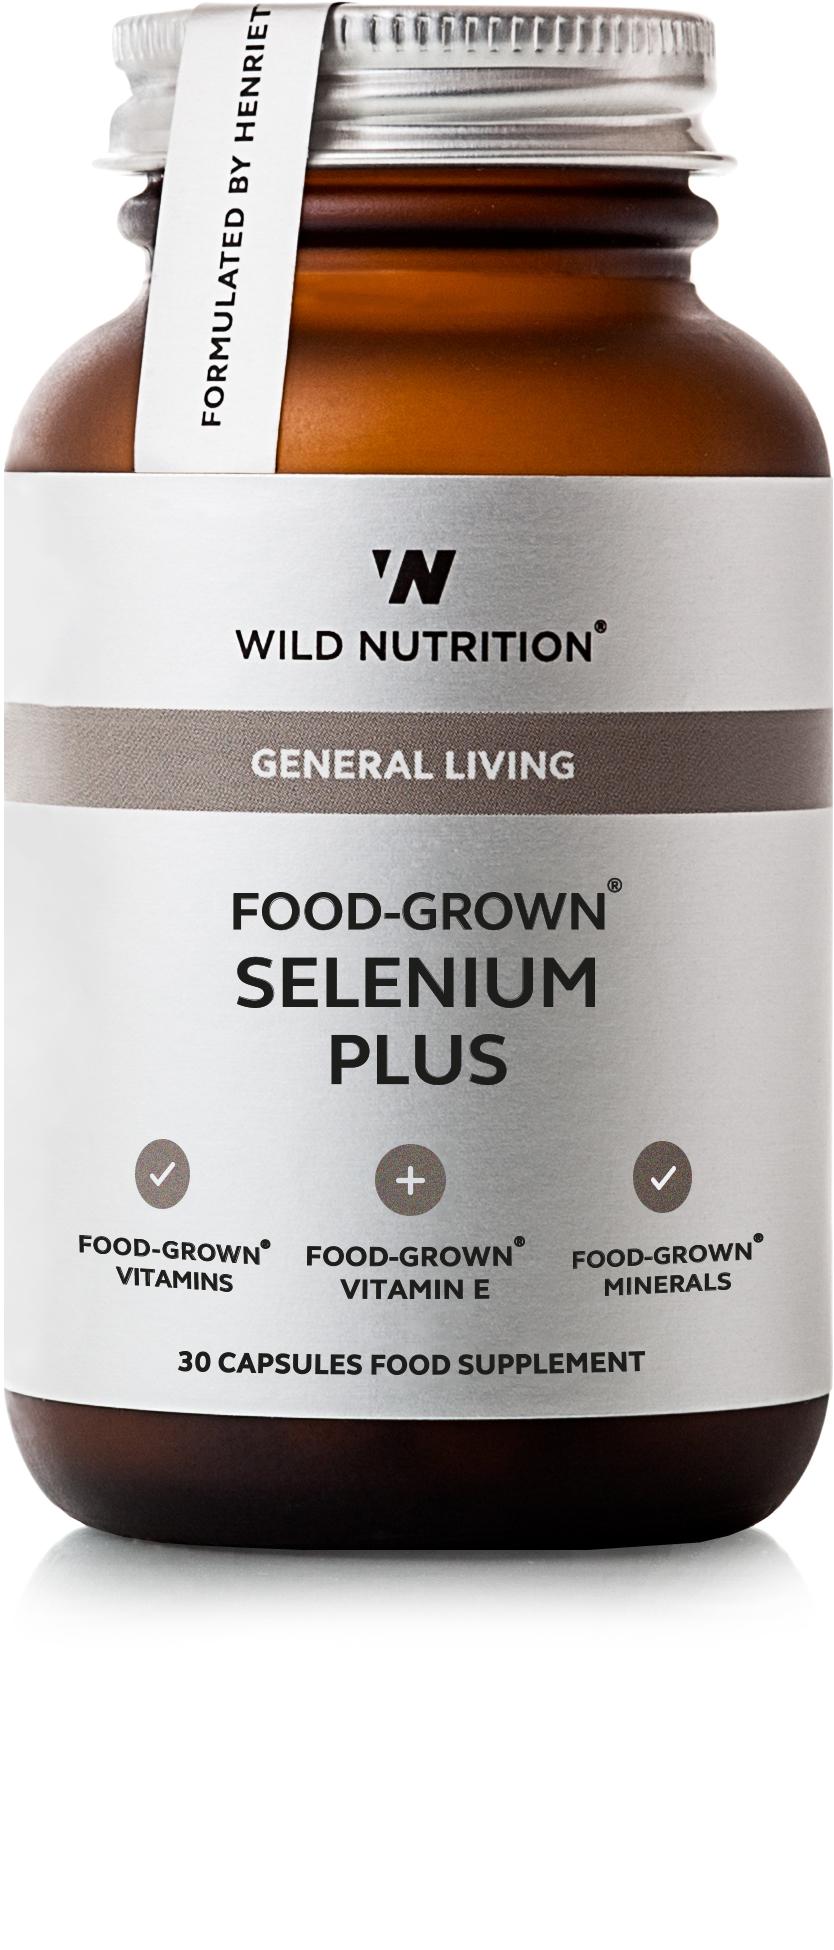 General Living Food-Grown Selenium Plus 30's